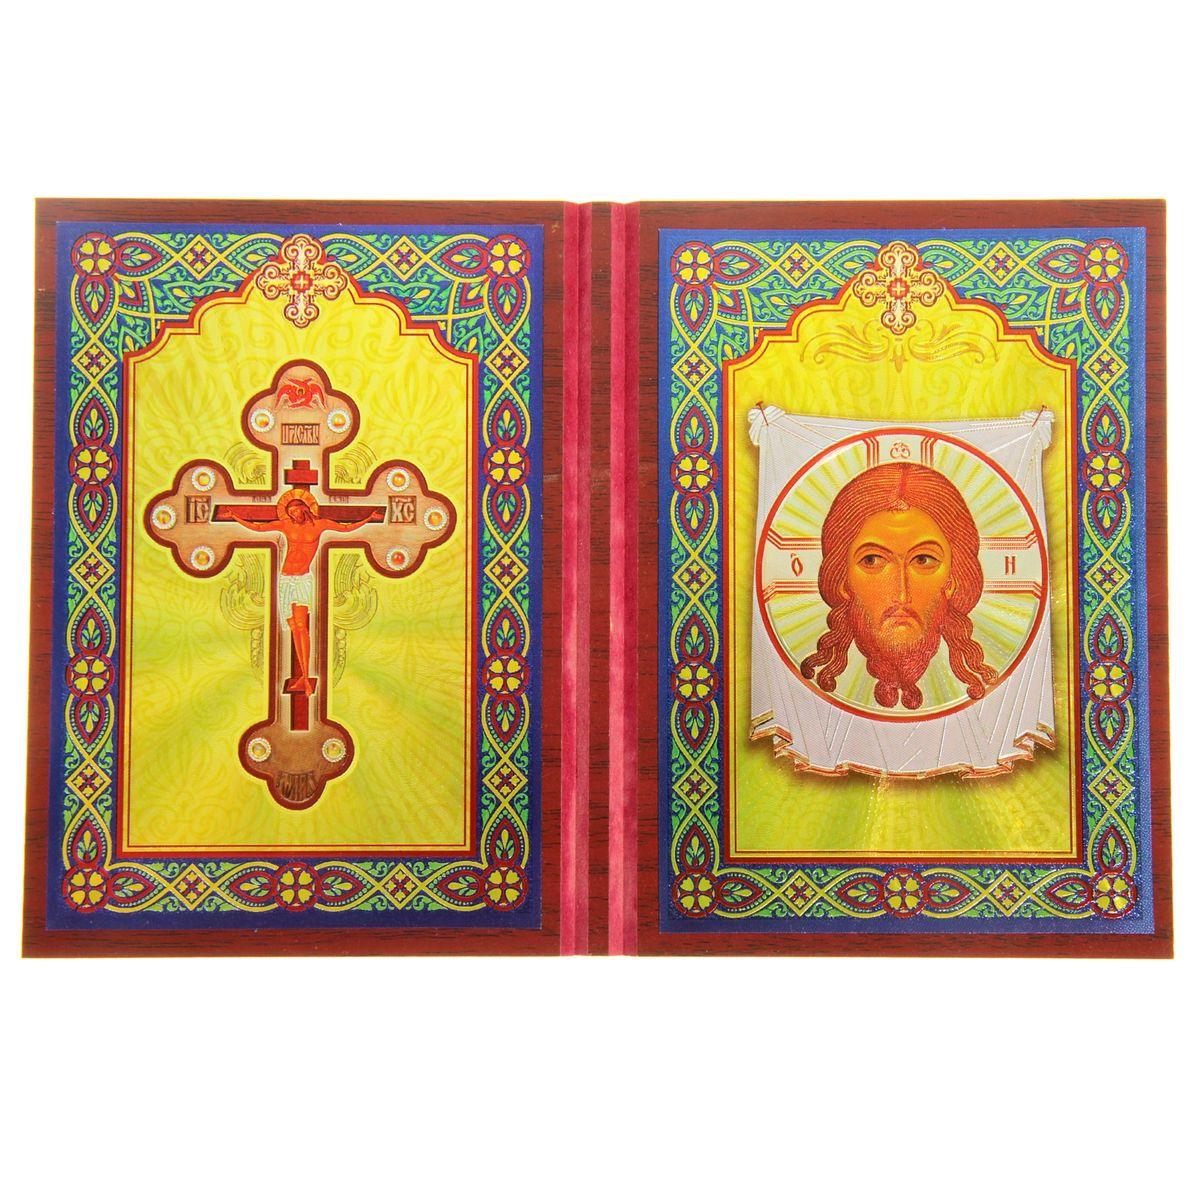 Складень-икона Sima-land Крест Господень - Спас Нерукотворный, 2 шт икона пресвятая богородица 10 5 см х 14 5 см